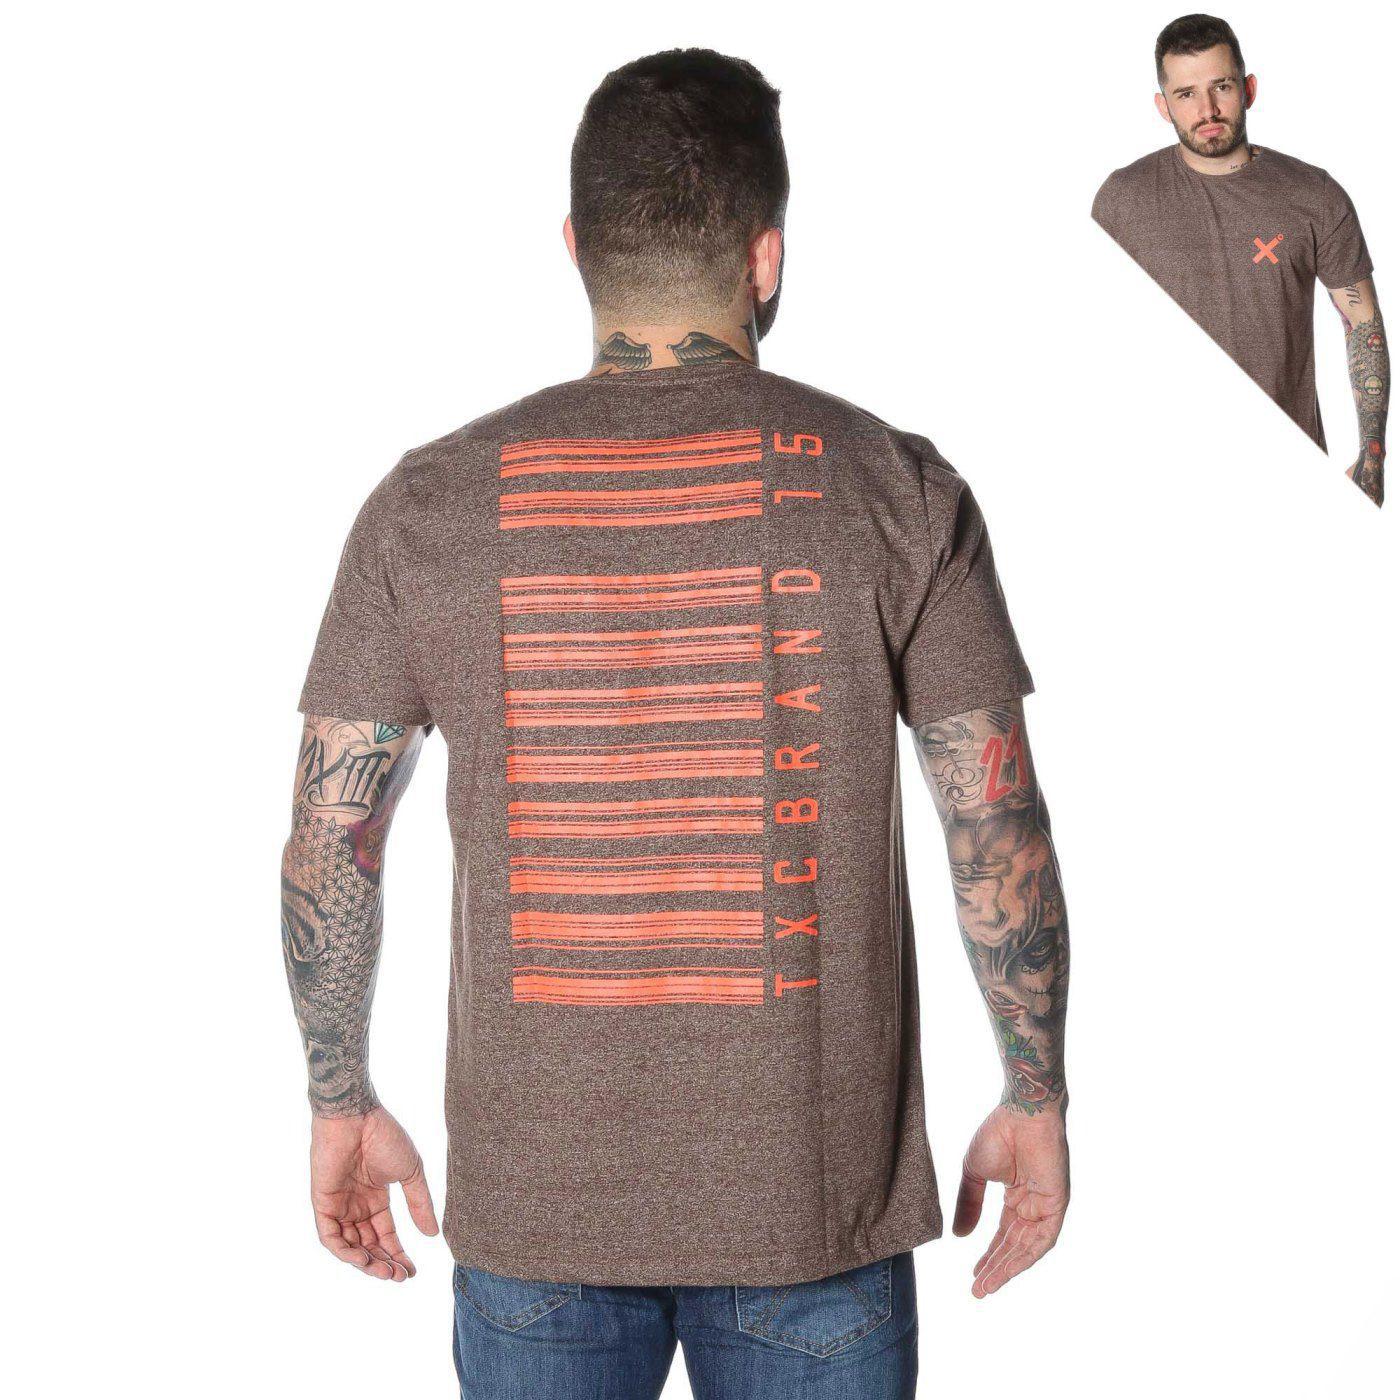 Camiseta TXC Brand 1790